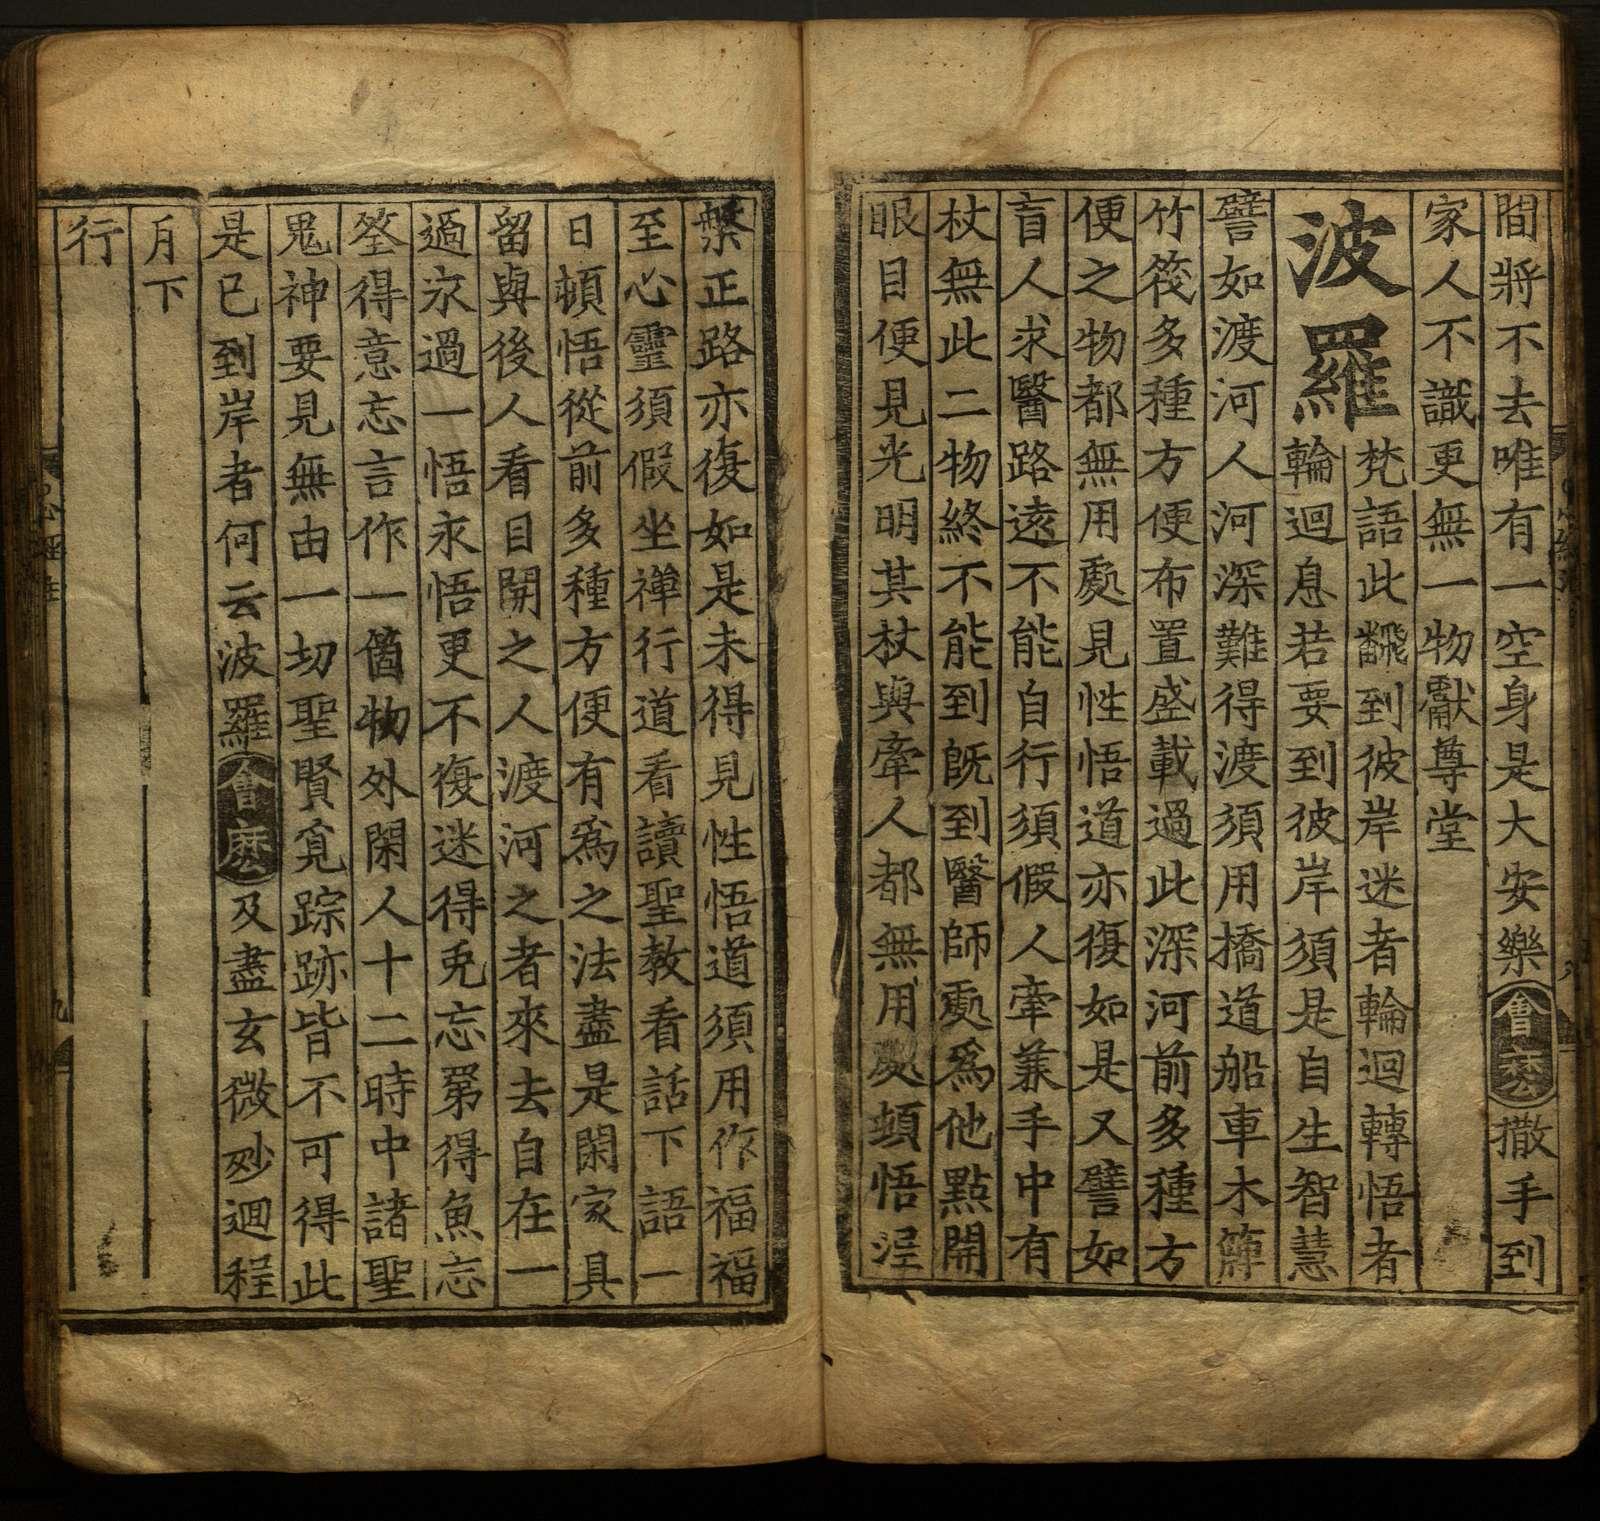 Dadian he shang zhu Xin jing : yi juan